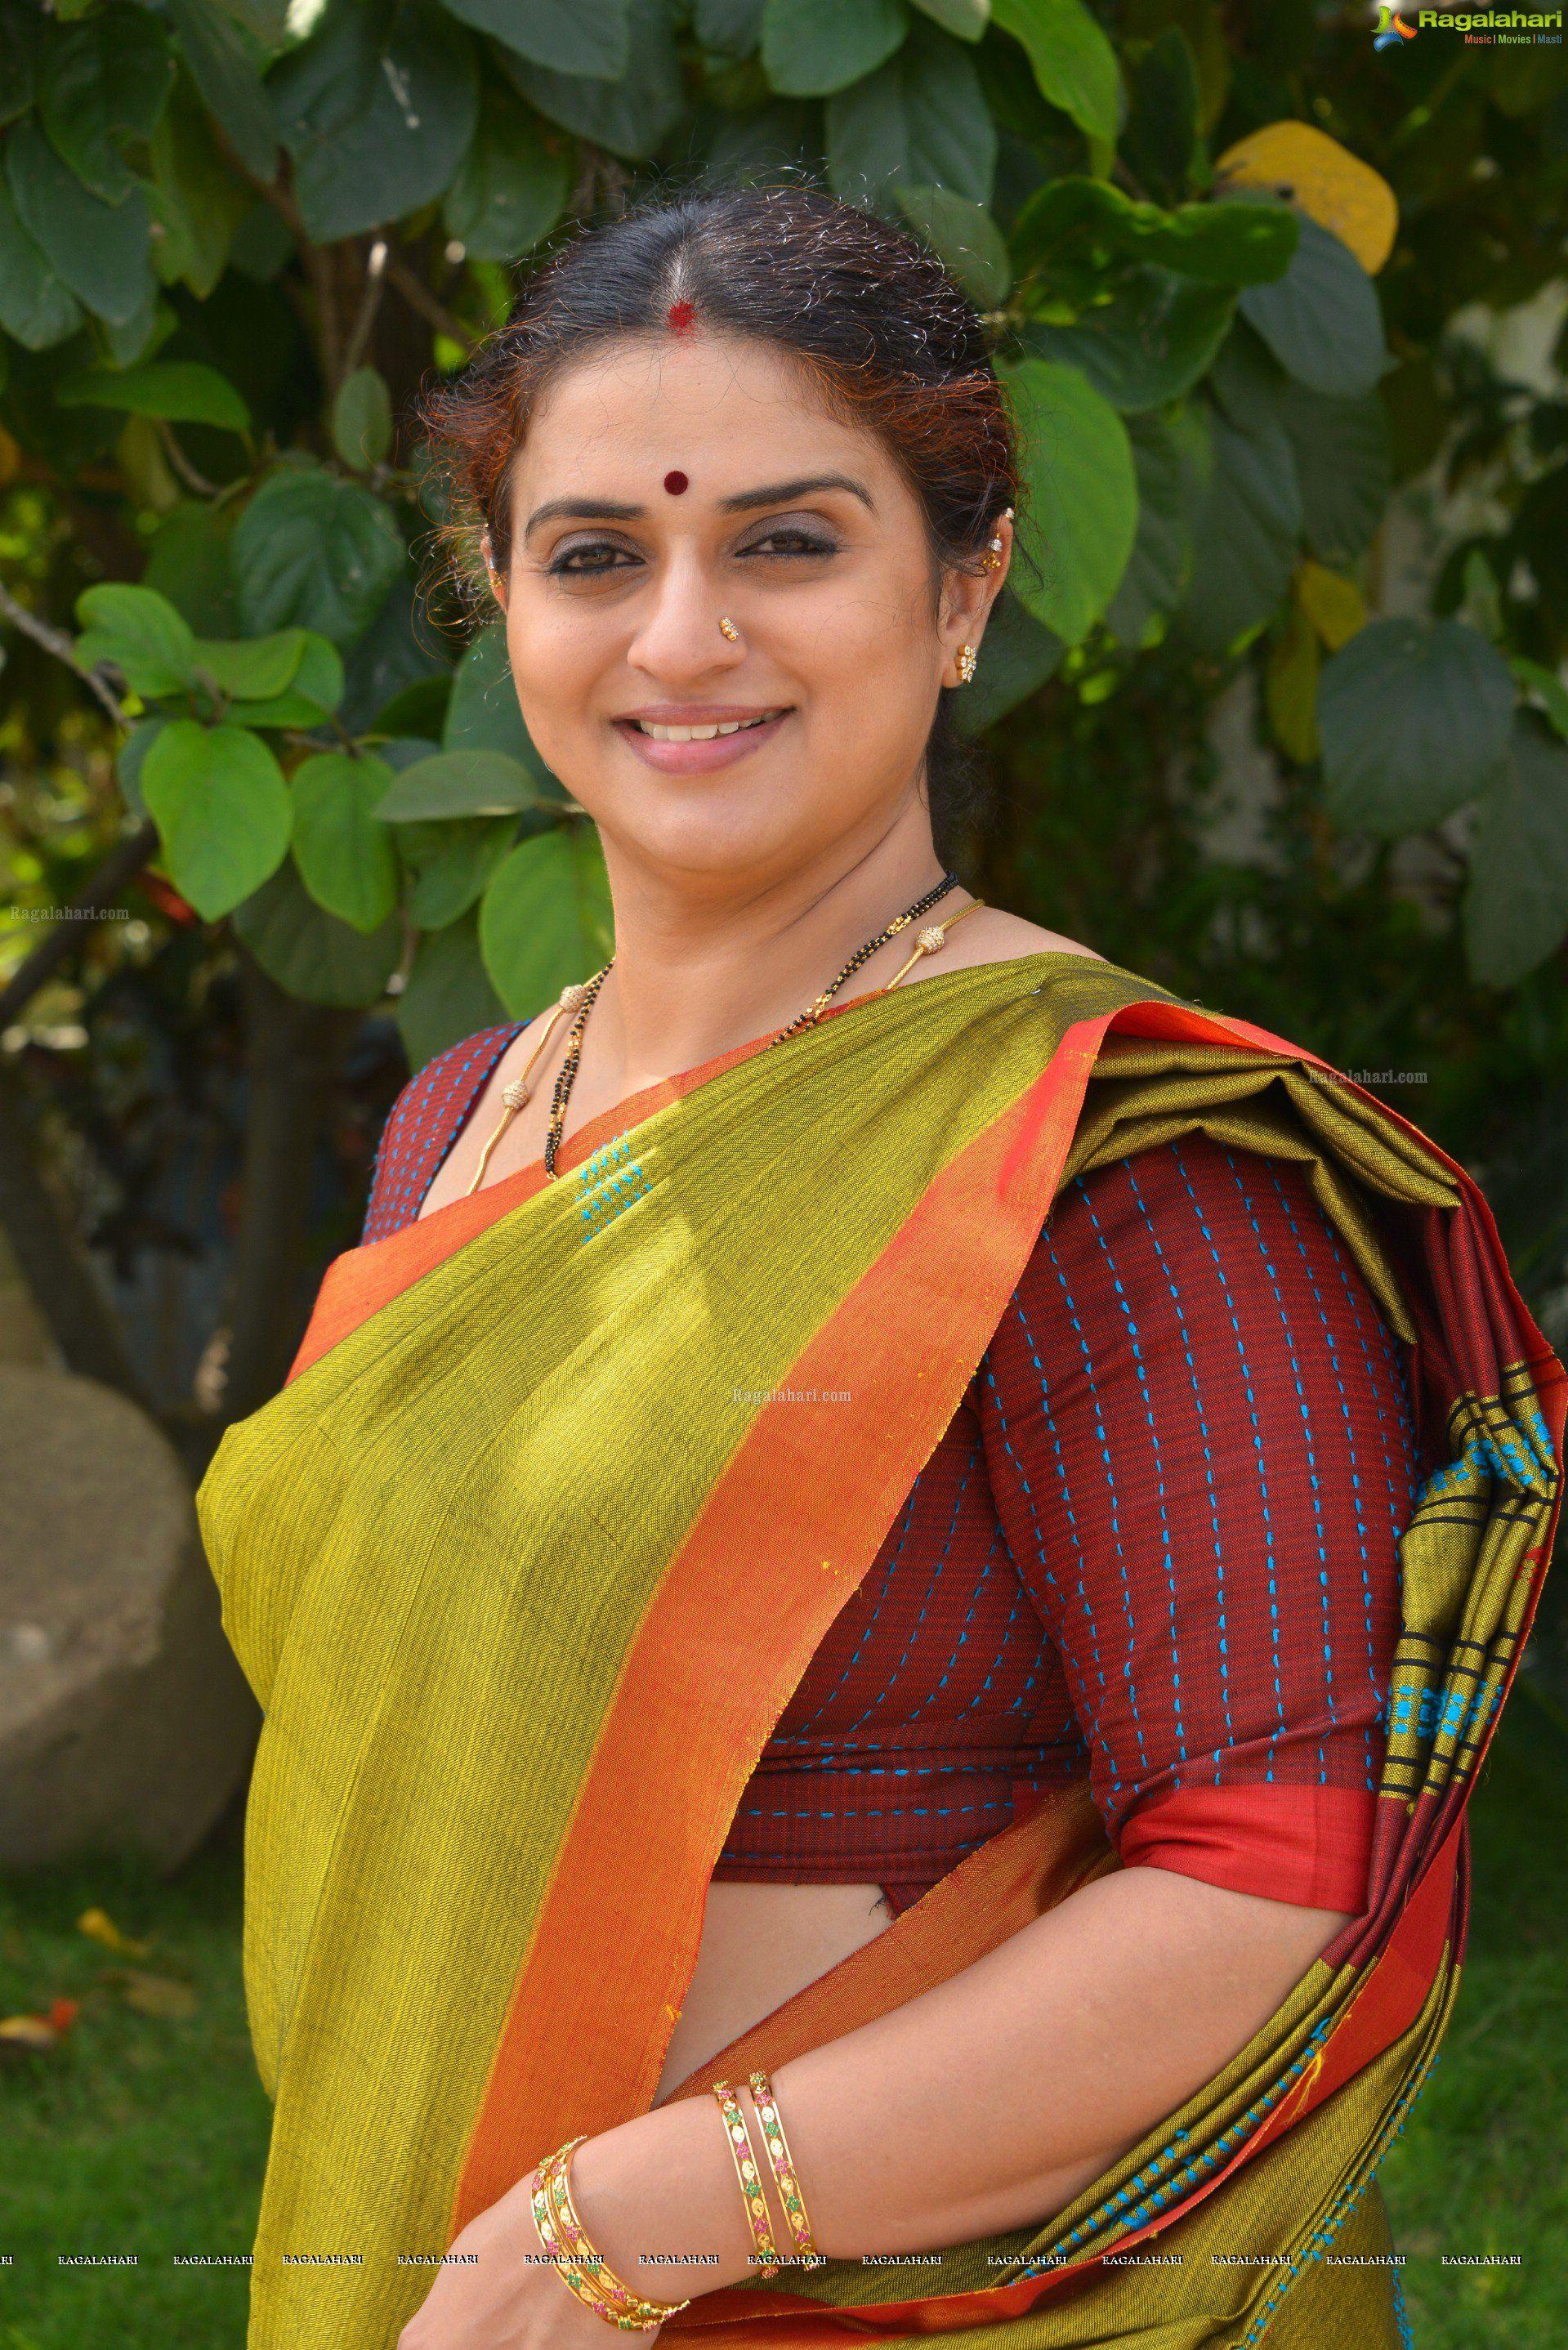 Pavitra Lokesh Hd Image 13 Beautiful Tollywood Actress Photos Telugu Movie Actress Photos Telugu Pho Actresses Most Beautiful Indian Actress South Actress